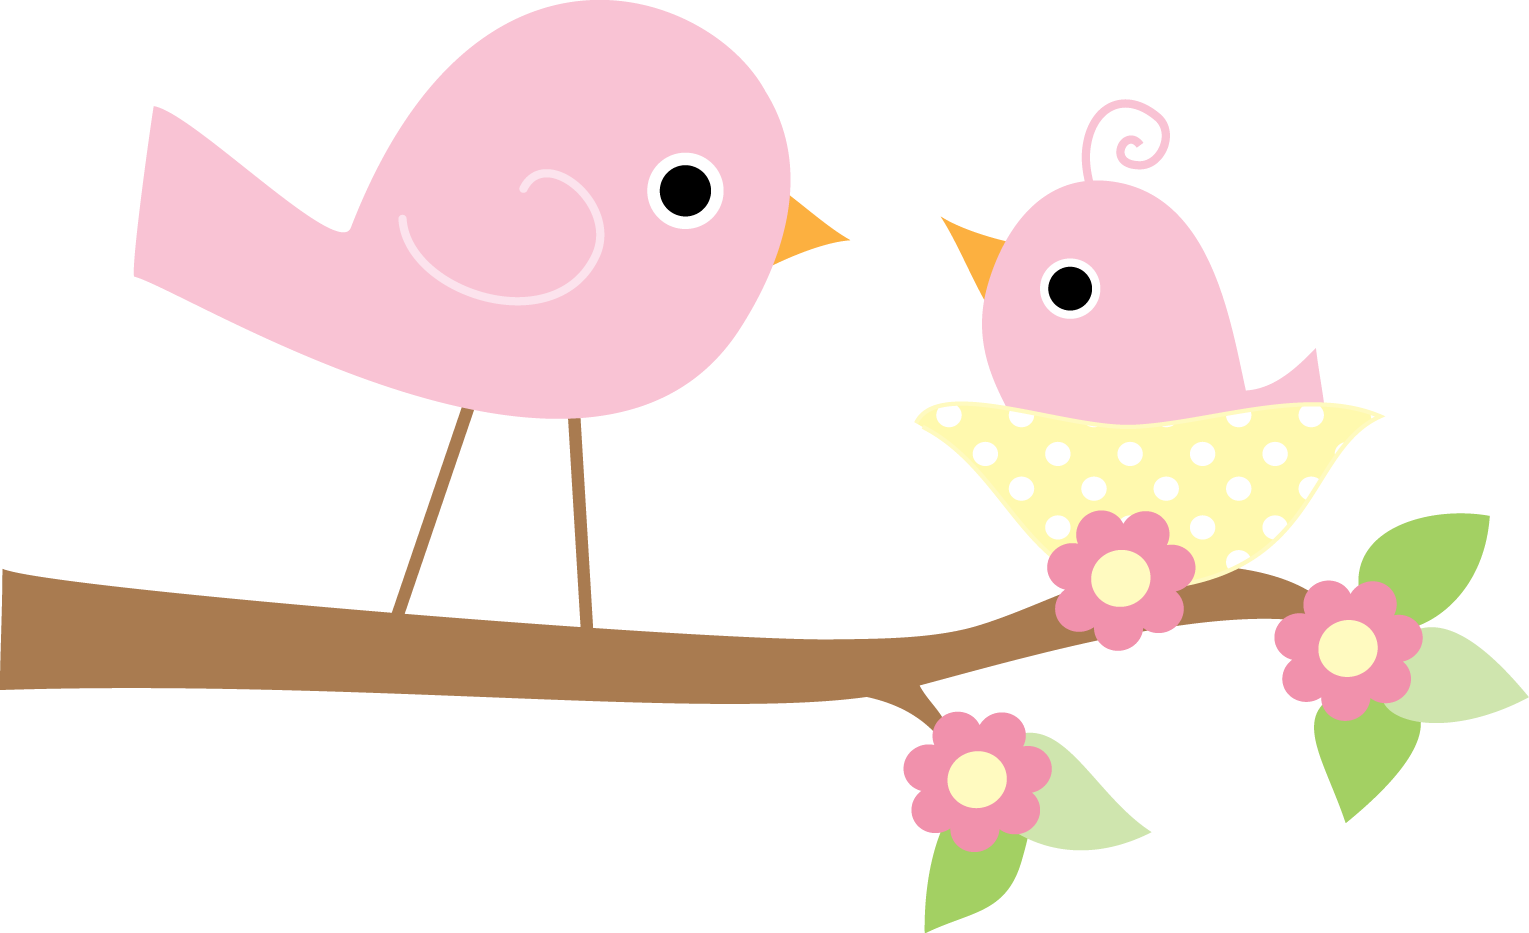 Schedule clipart cute. Pretty birds oh my